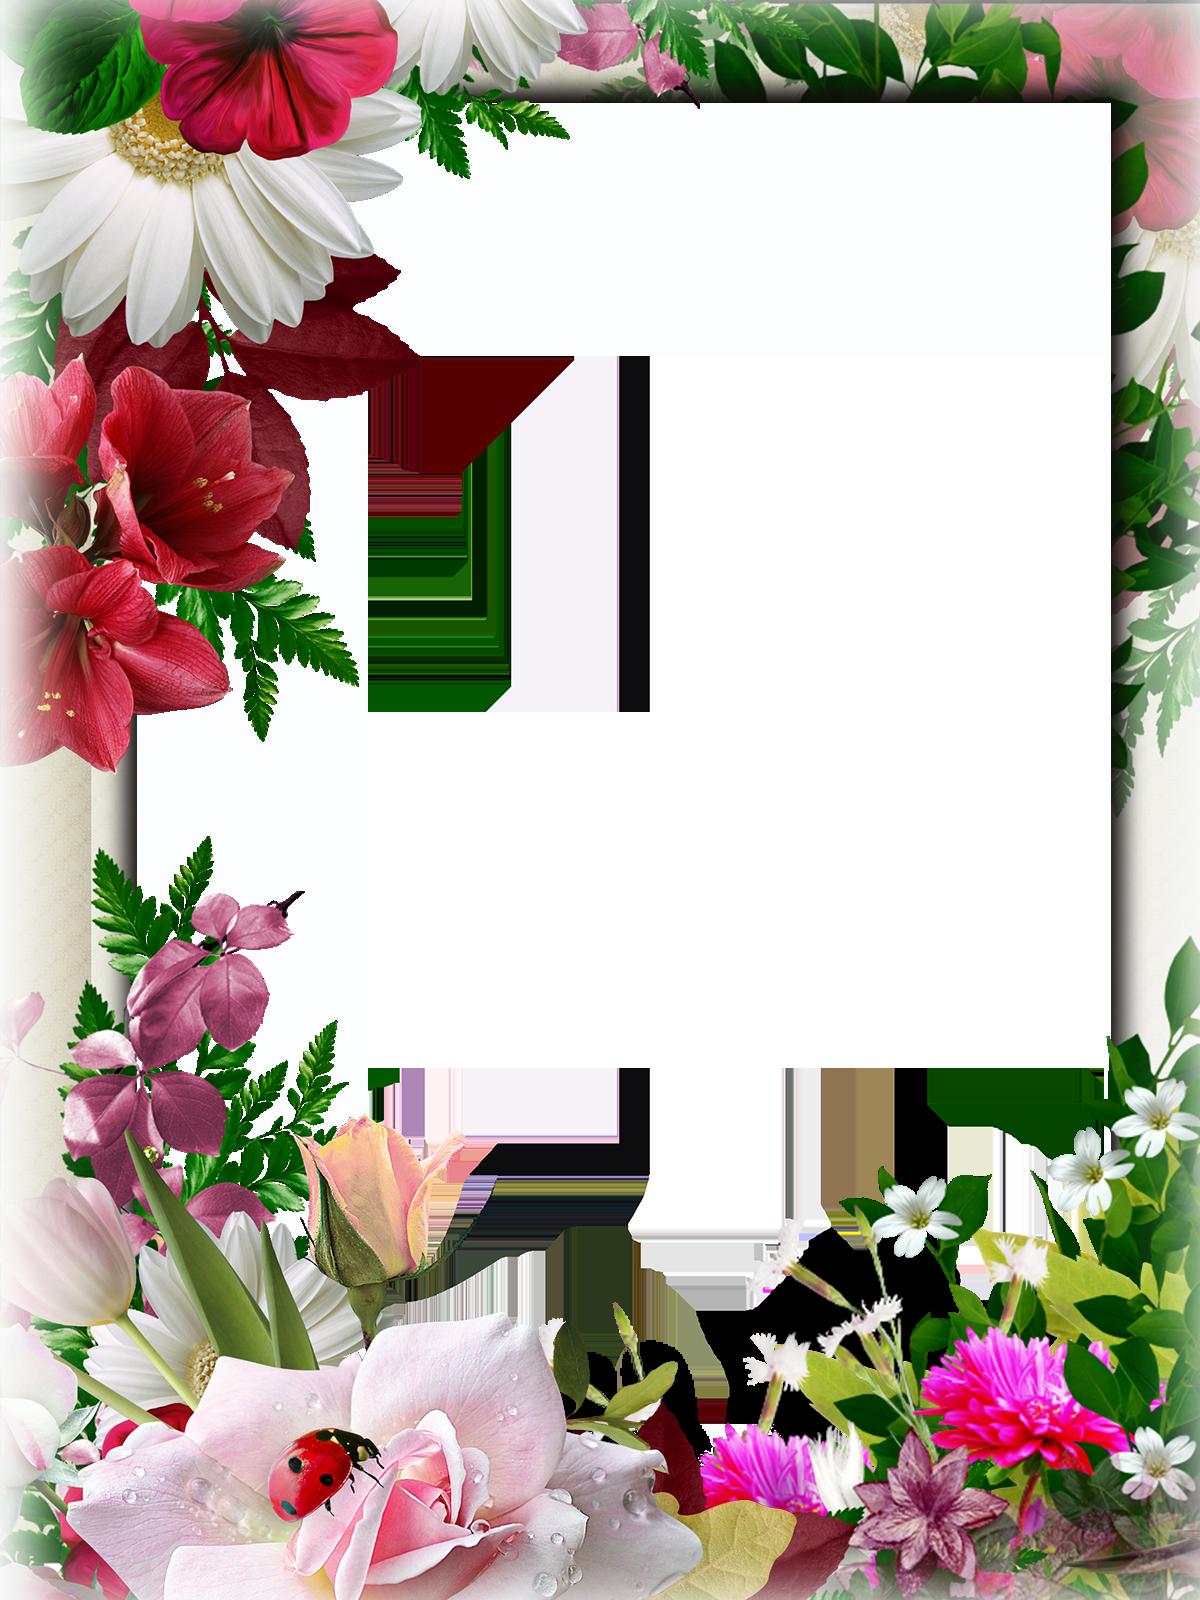 Поздравление марта, фон для открытки вертикальный с днем рождения женщине